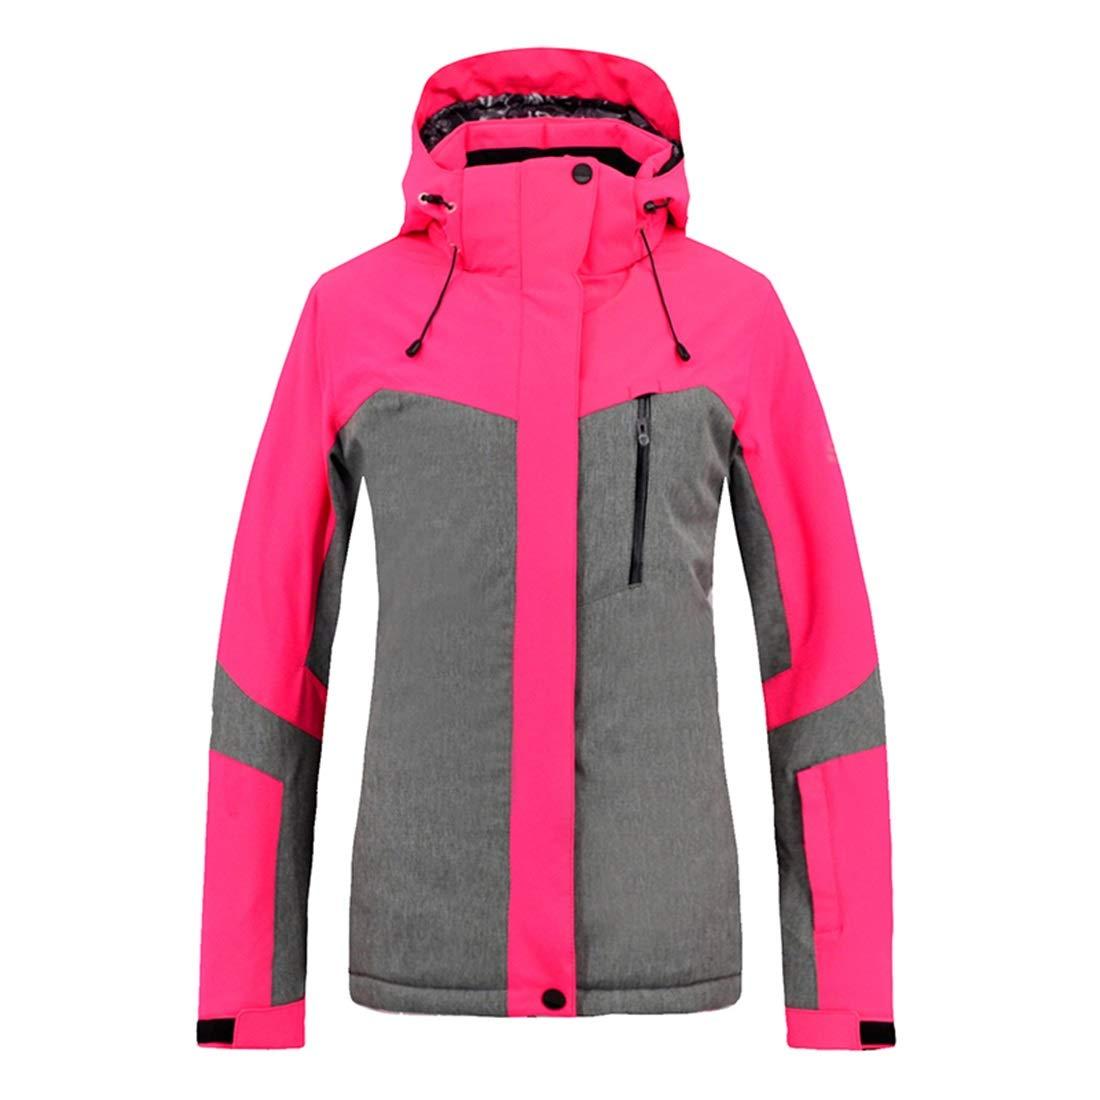 女性のスキージャケット防水 女性の防水スキージャケット暖かい冬の雪のコートマウンテンウインドブレーカークラシックウインドブレーカーフード付きレインコート レディース冬の雪のジャケットレインコート (色 : ピンク, サイズ : M) ピンク Medium